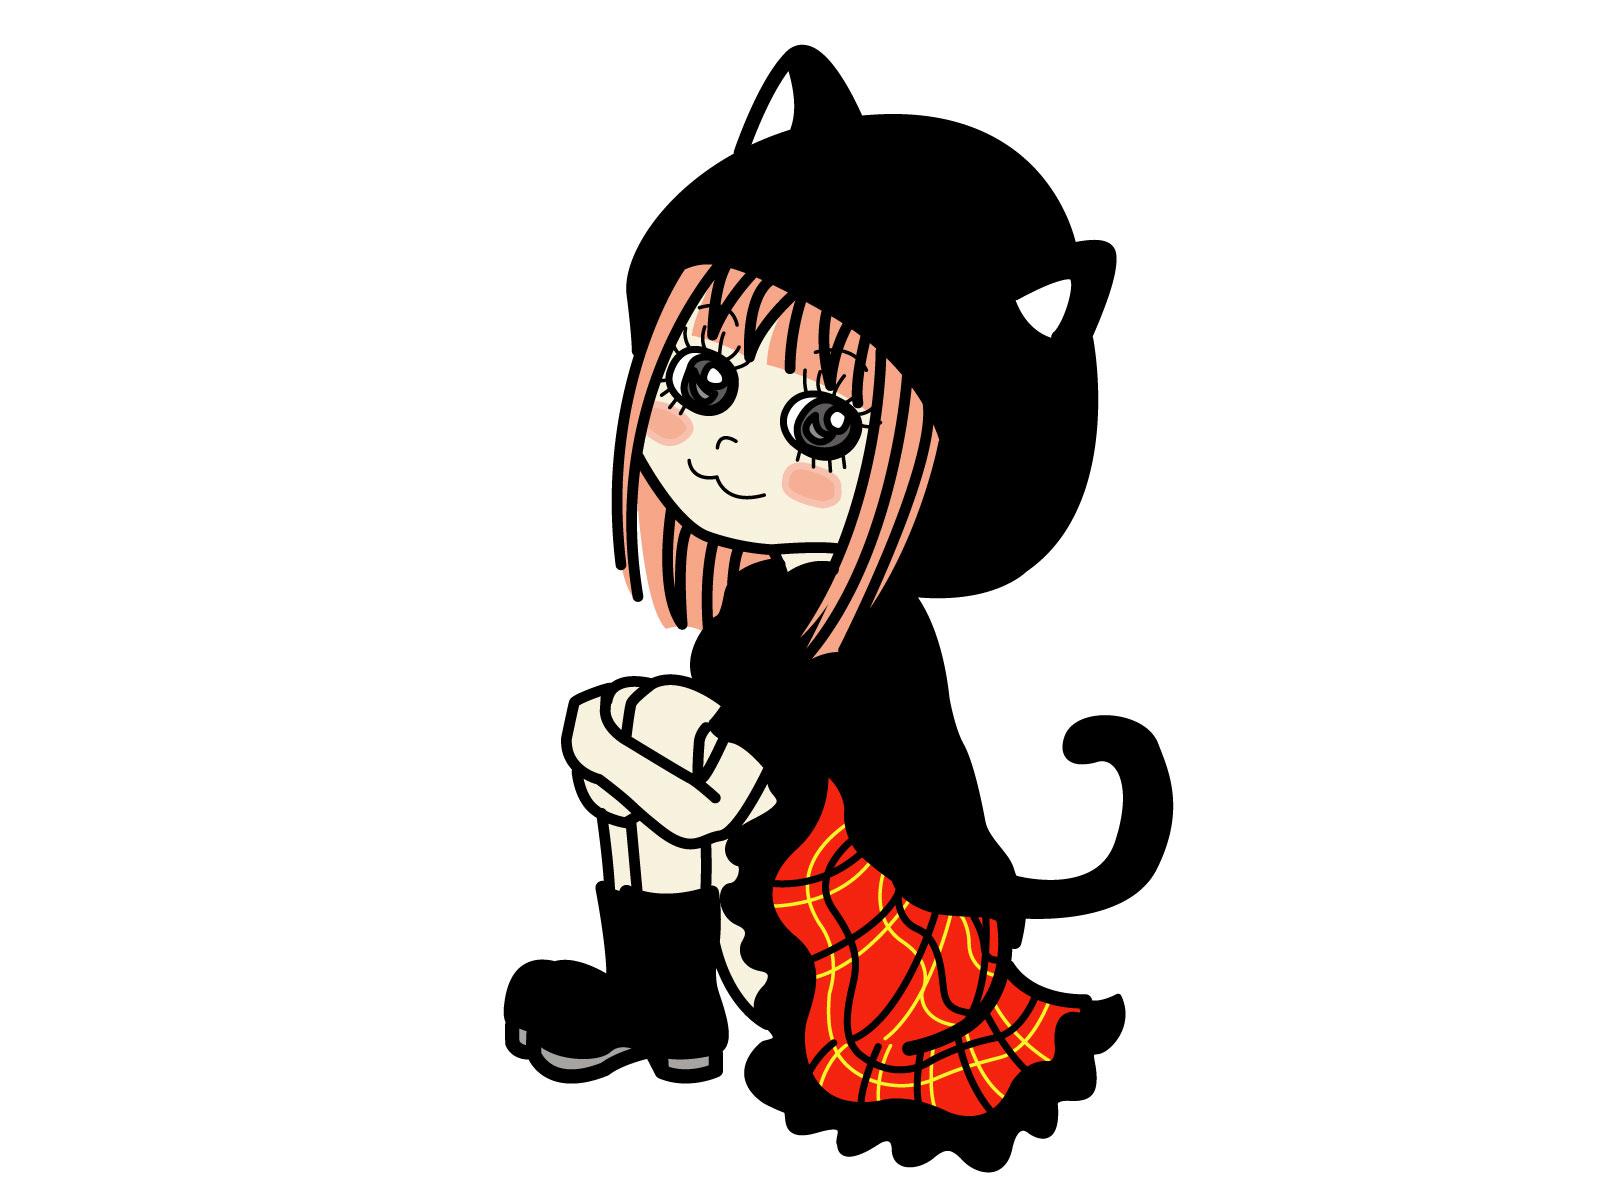 カワイイハロウィン 仮装屋通販 『キャット(猫)の衣装』イラスト